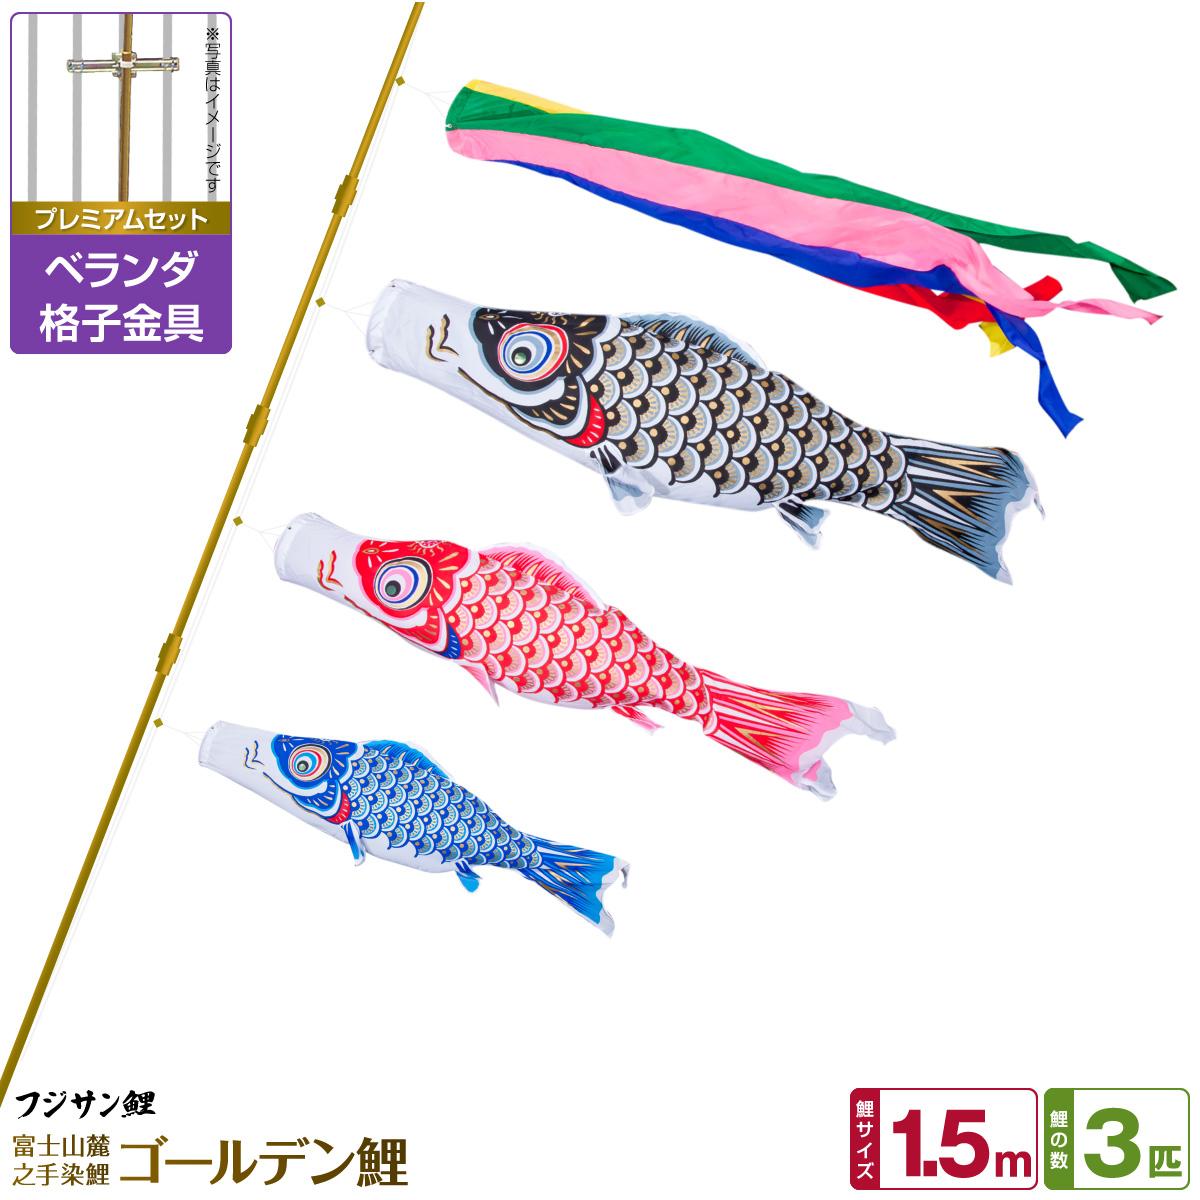 ベランダ用 こいのぼり 鯉のぼり フジサン鯉 ゴールデン鯉 1.5m 6点(吹流し+鯉3匹+矢車+ロープ)/プレミアムセット(格子金具)